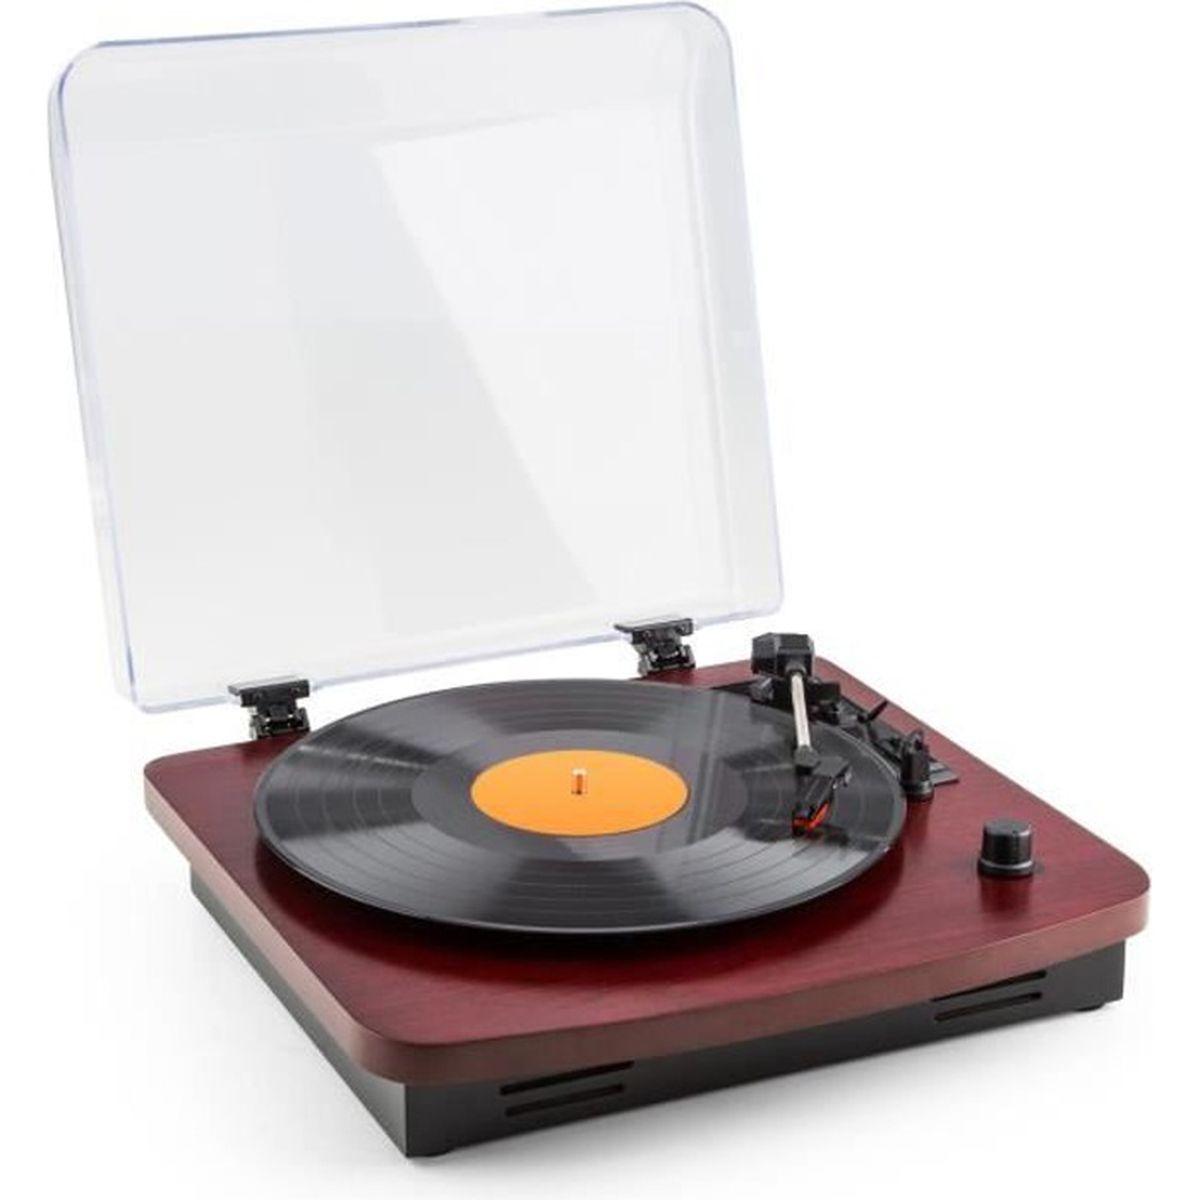 auna tt370 tourne disque platine vinyle r tro avec haut parleurs int gr s port usb pour. Black Bedroom Furniture Sets. Home Design Ideas